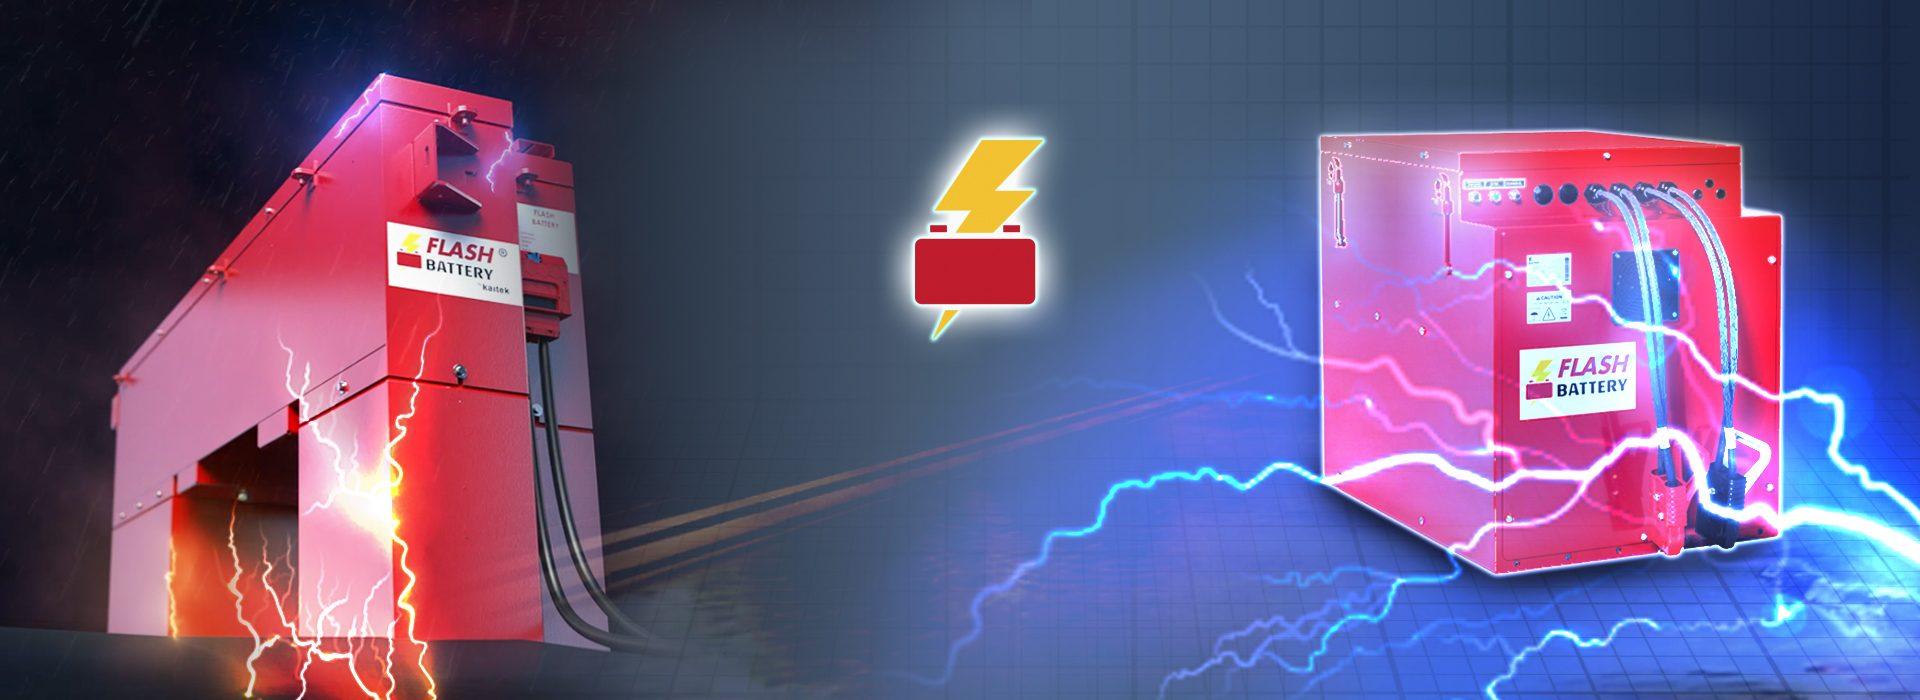 produzione batteria al litio flash battery